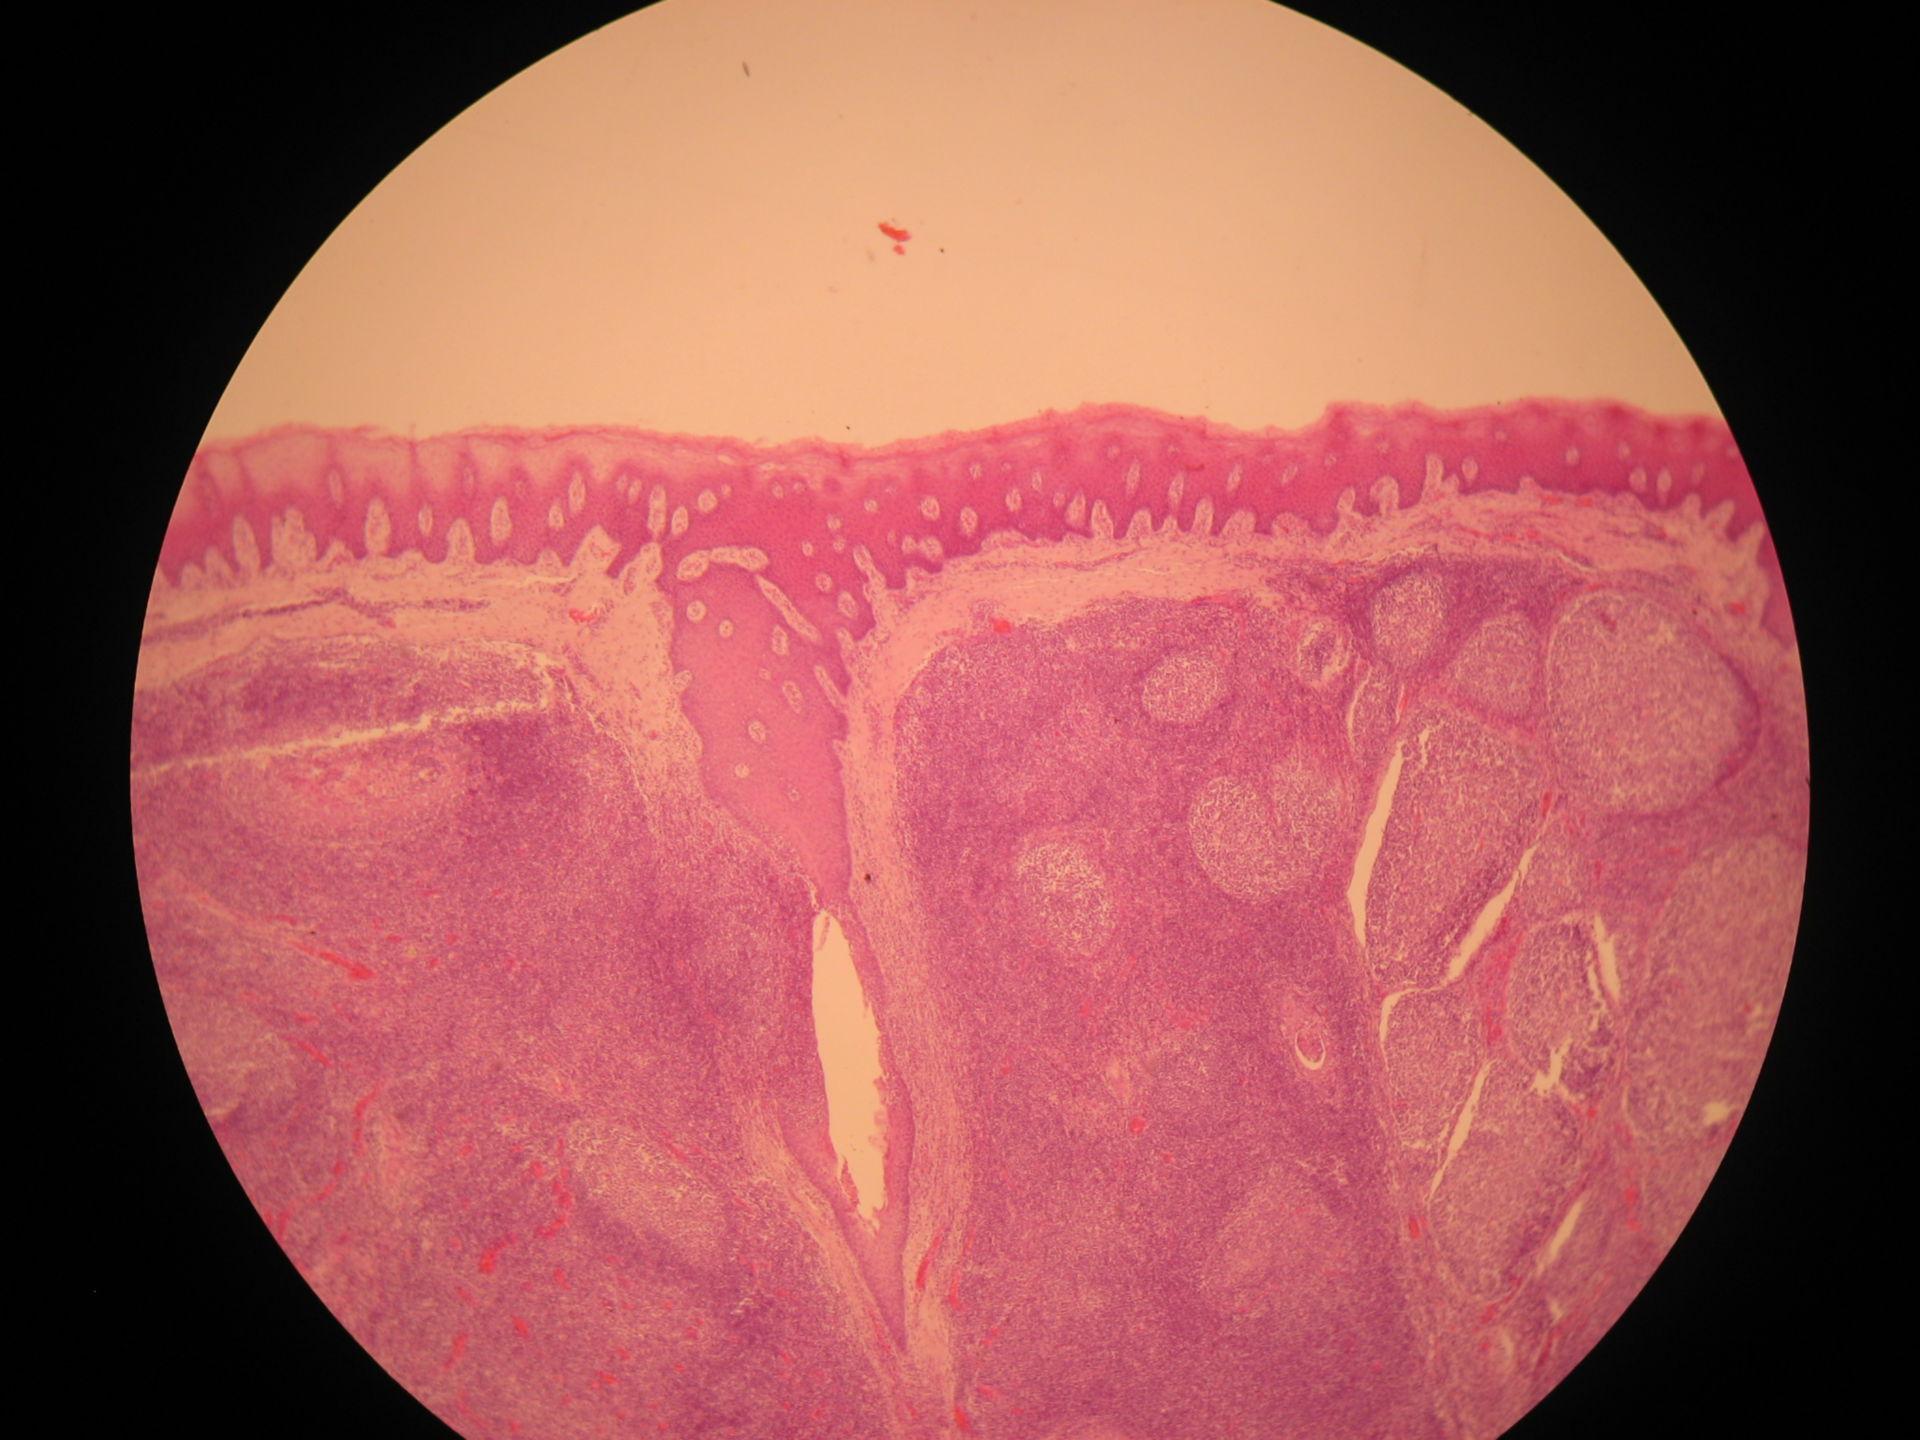 Gaumenmandel des Rindes (2) - Epithel